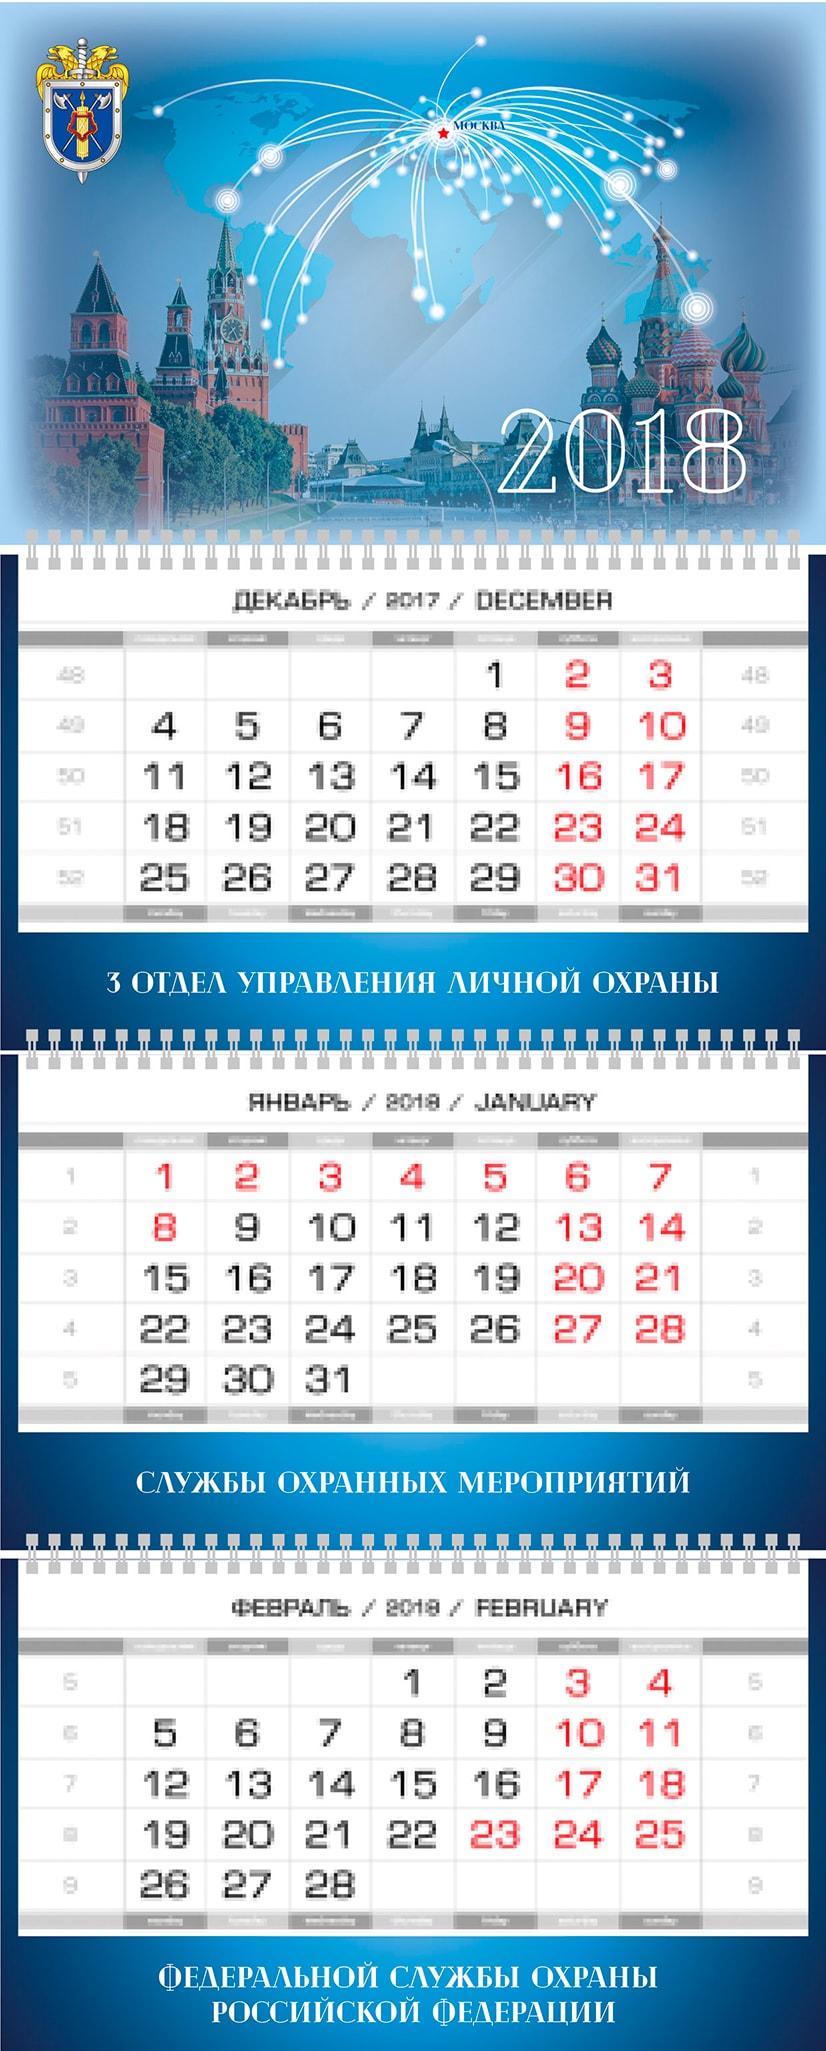 Календарь ФСО РФ 2018